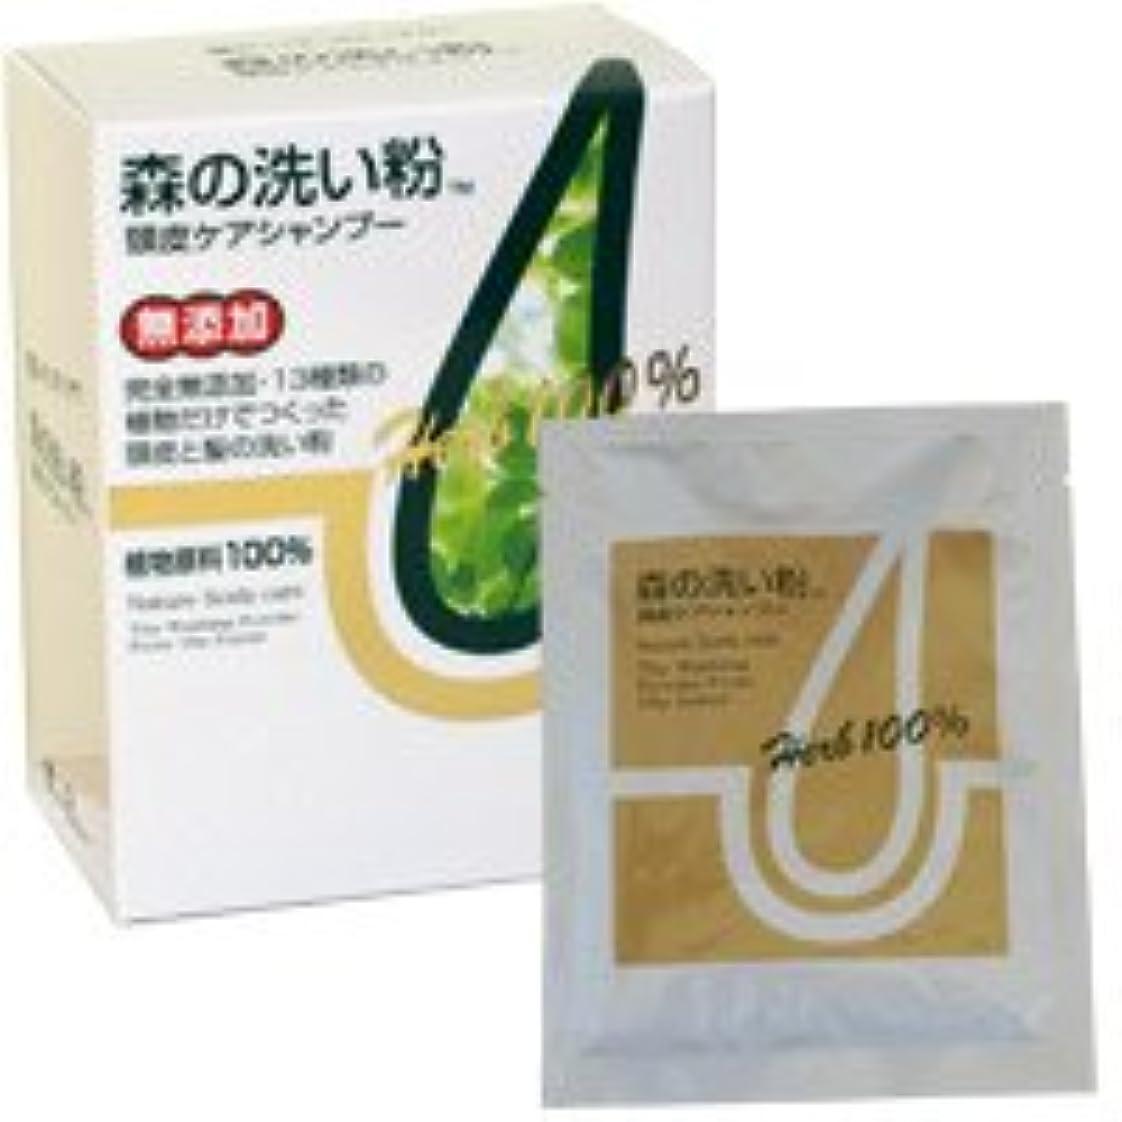 治すインストラクター装備するDr.ノグチ 森の洗い粉 頭皮ケアシャンプー 20g×10袋/1箱 (1ヶ月分)